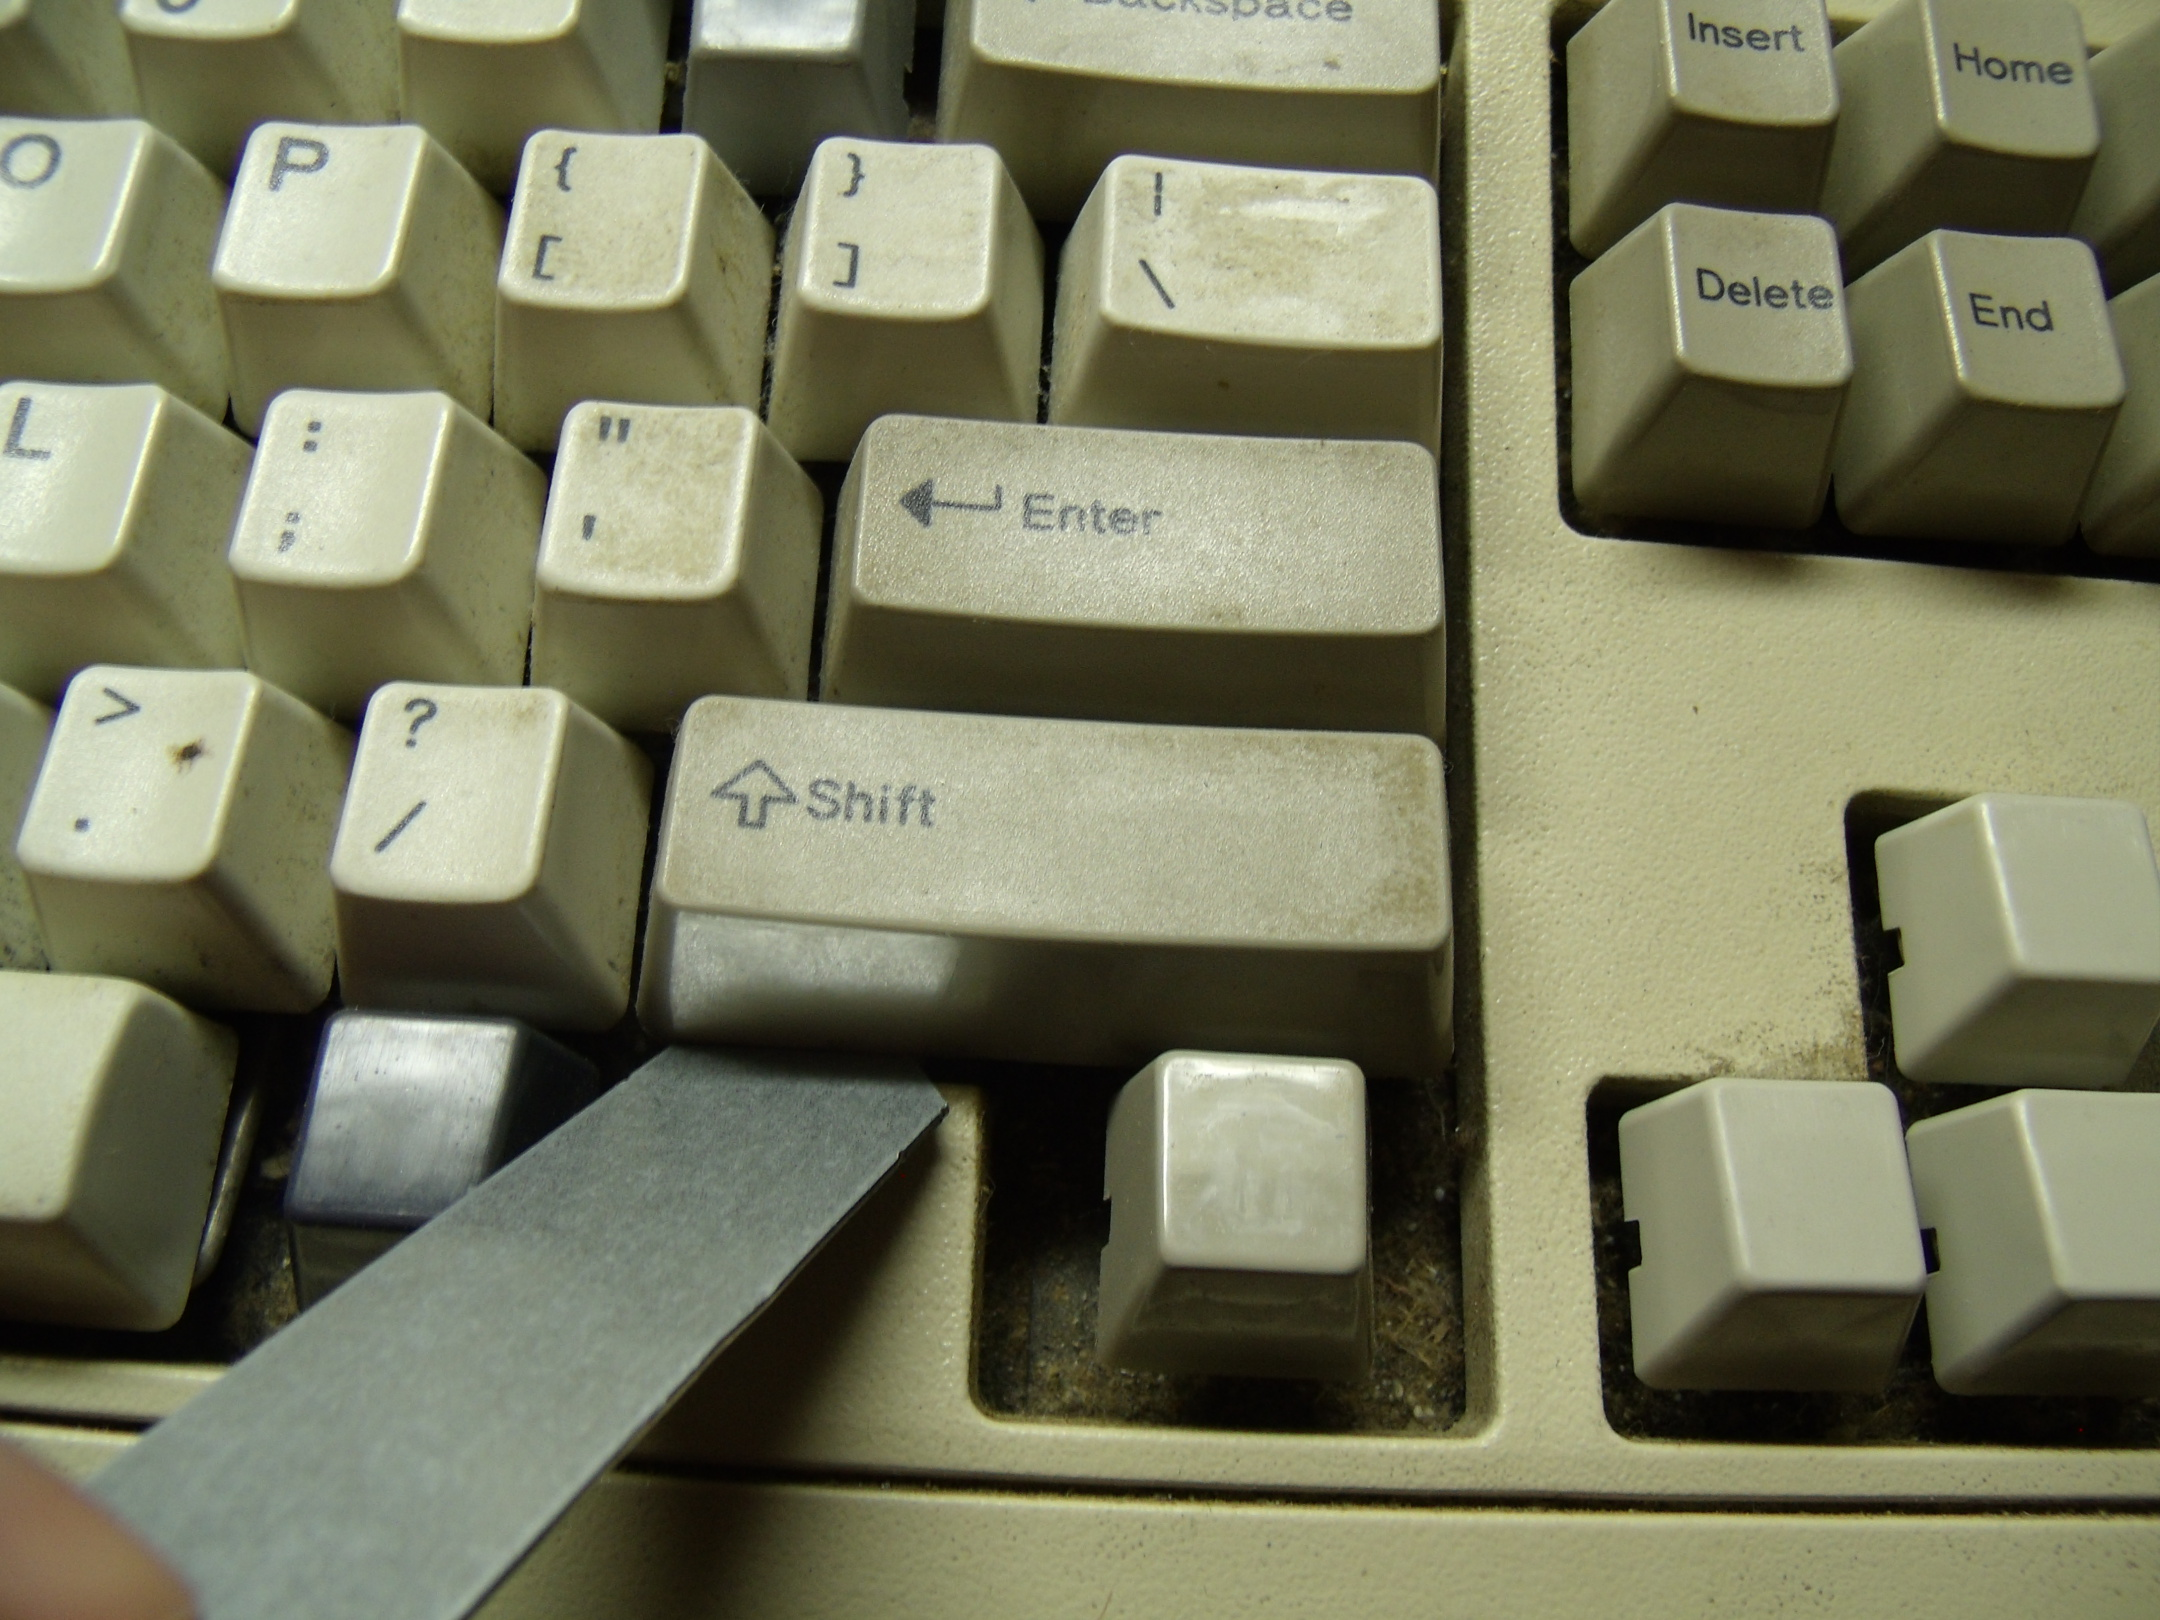 hacks_prepare_keyboard_2c.jpg